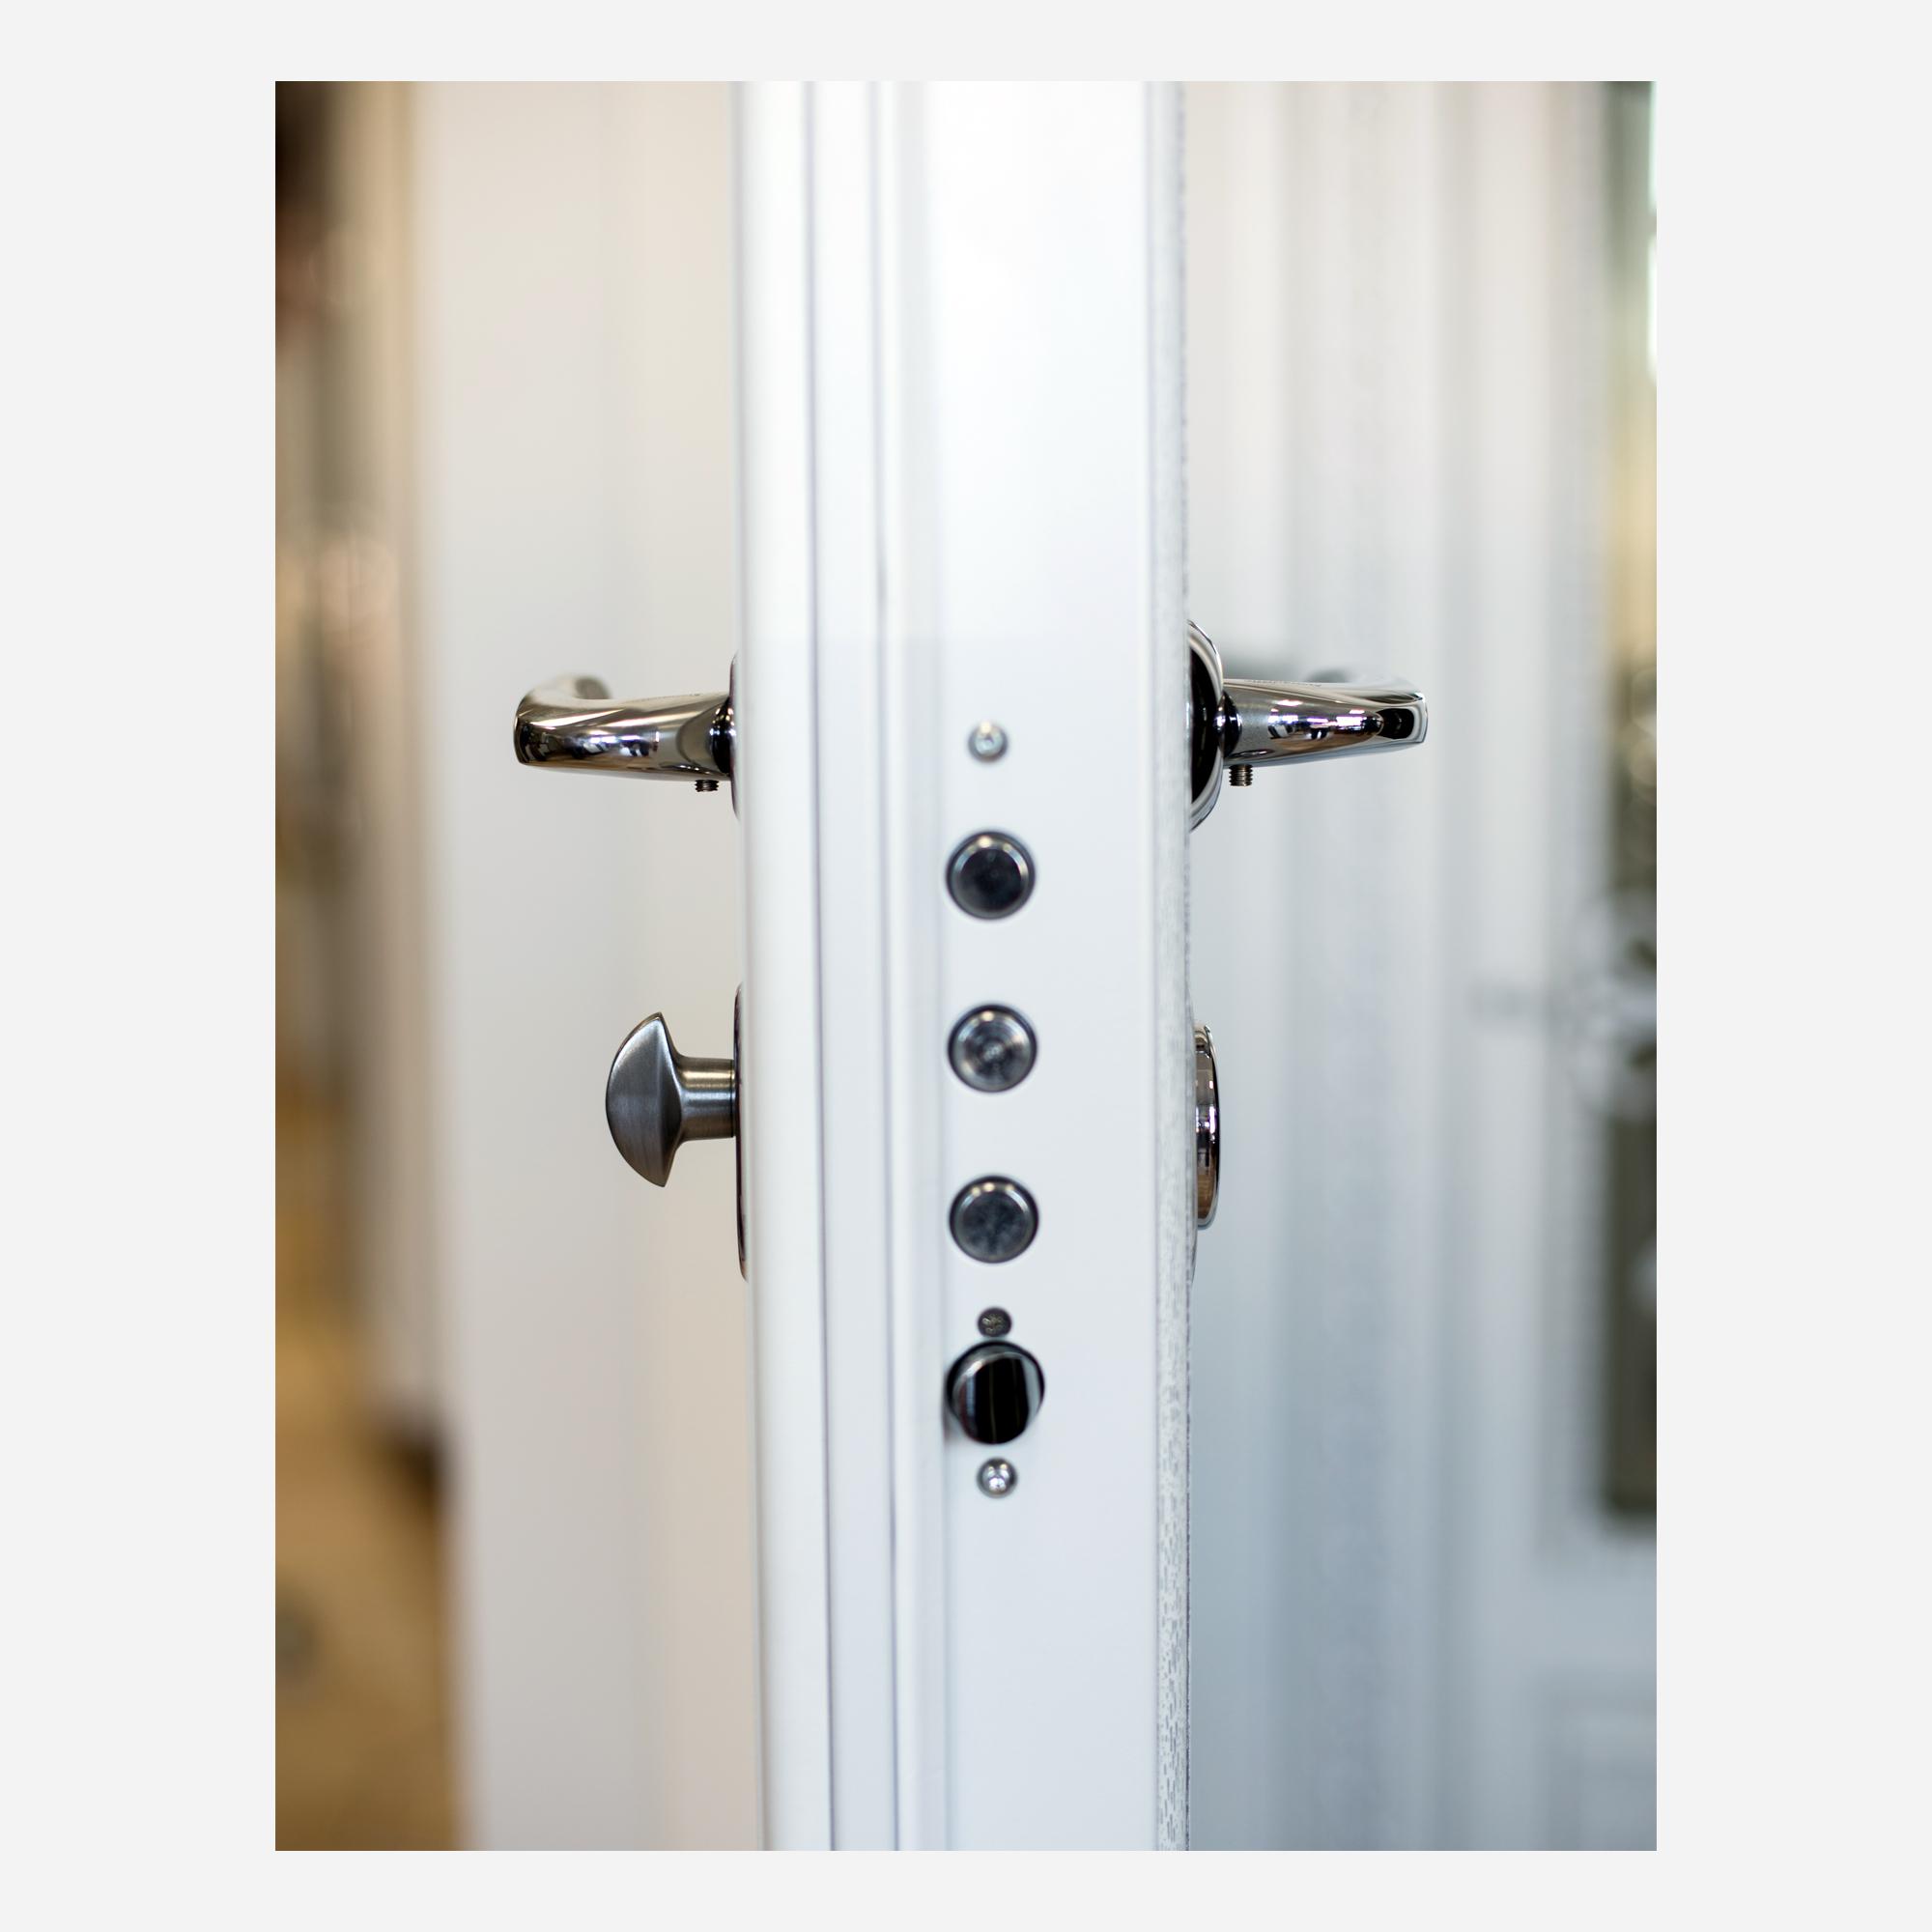 Versace Door Versace Door Versace Door Versace Door ... & Versace Door Steel Security Entry Door   Novo Porte pezcame.com